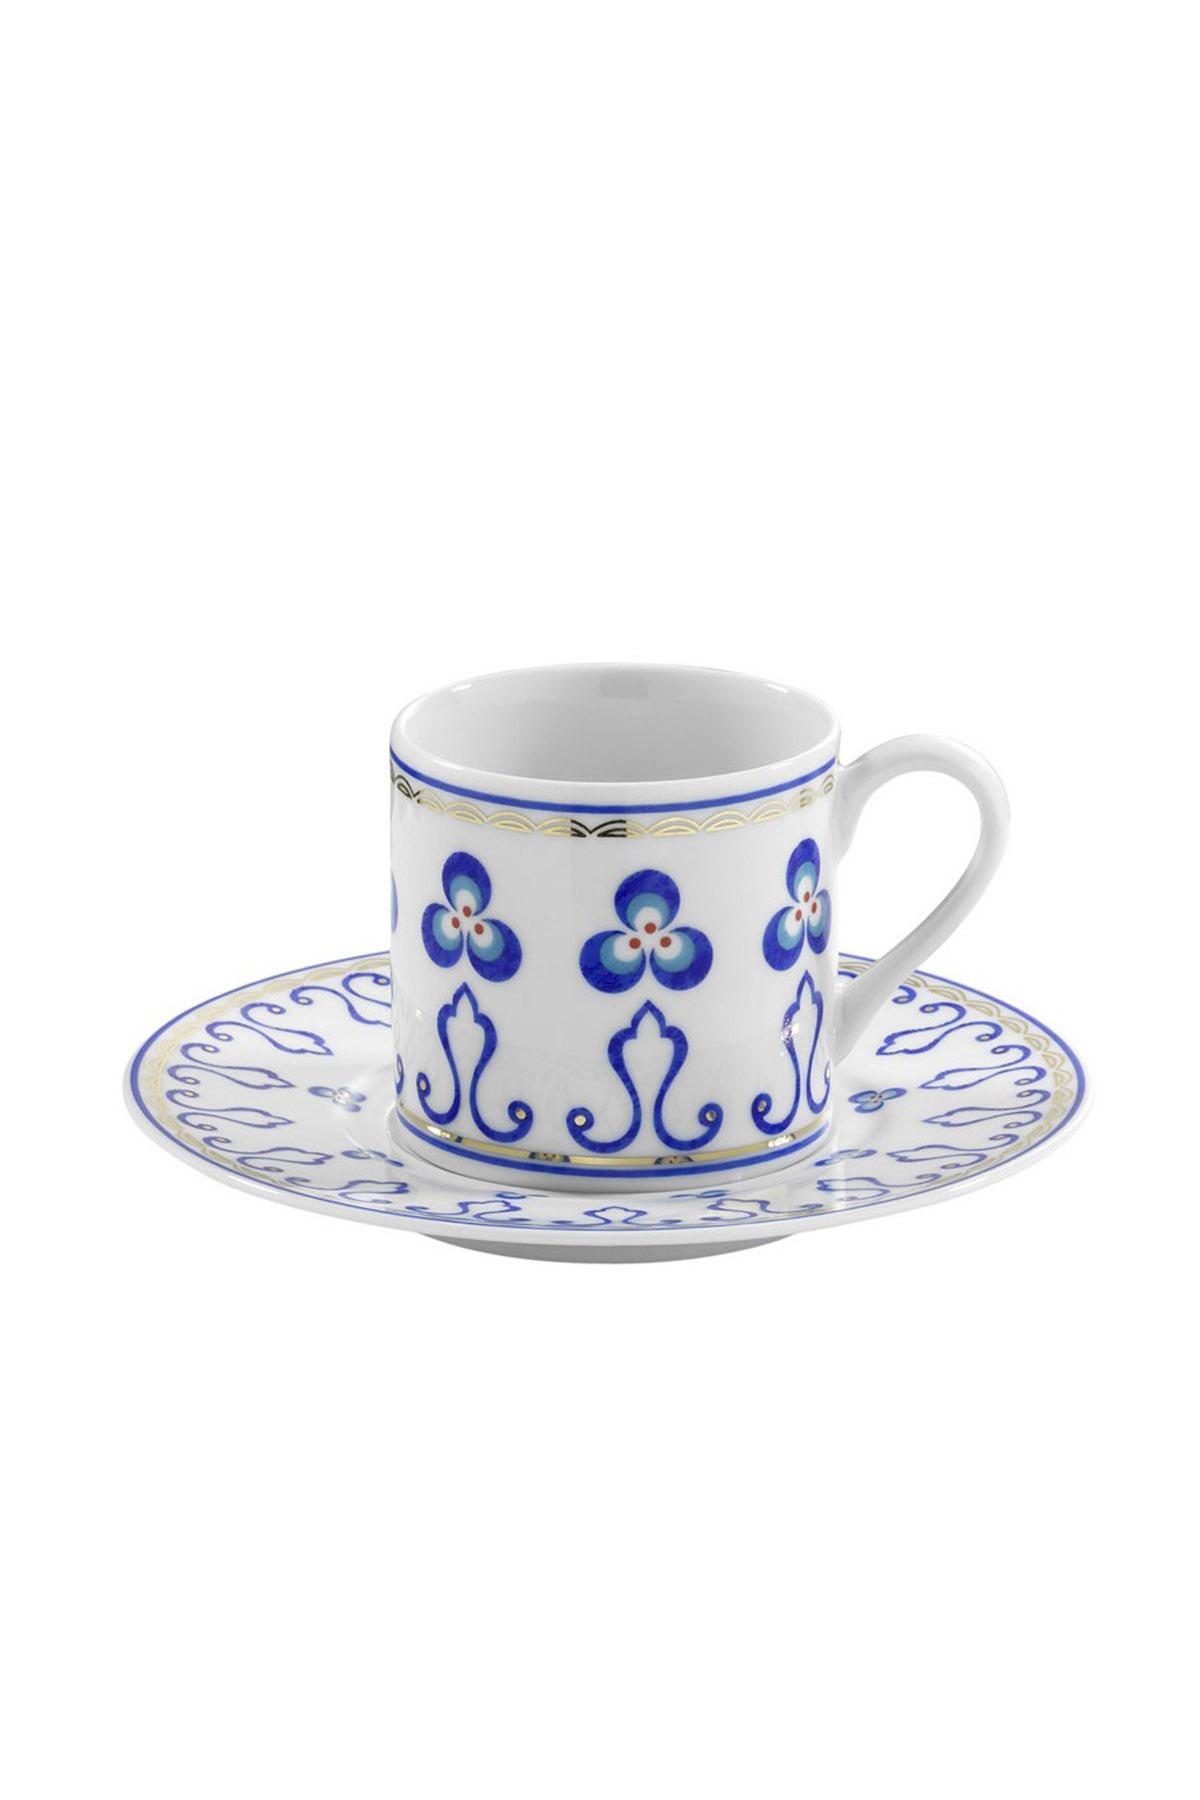 KÜTAHYA PORSELEN - Kütahya Porselen Çintemani 9727 Desen Kahve Fincan Takımı